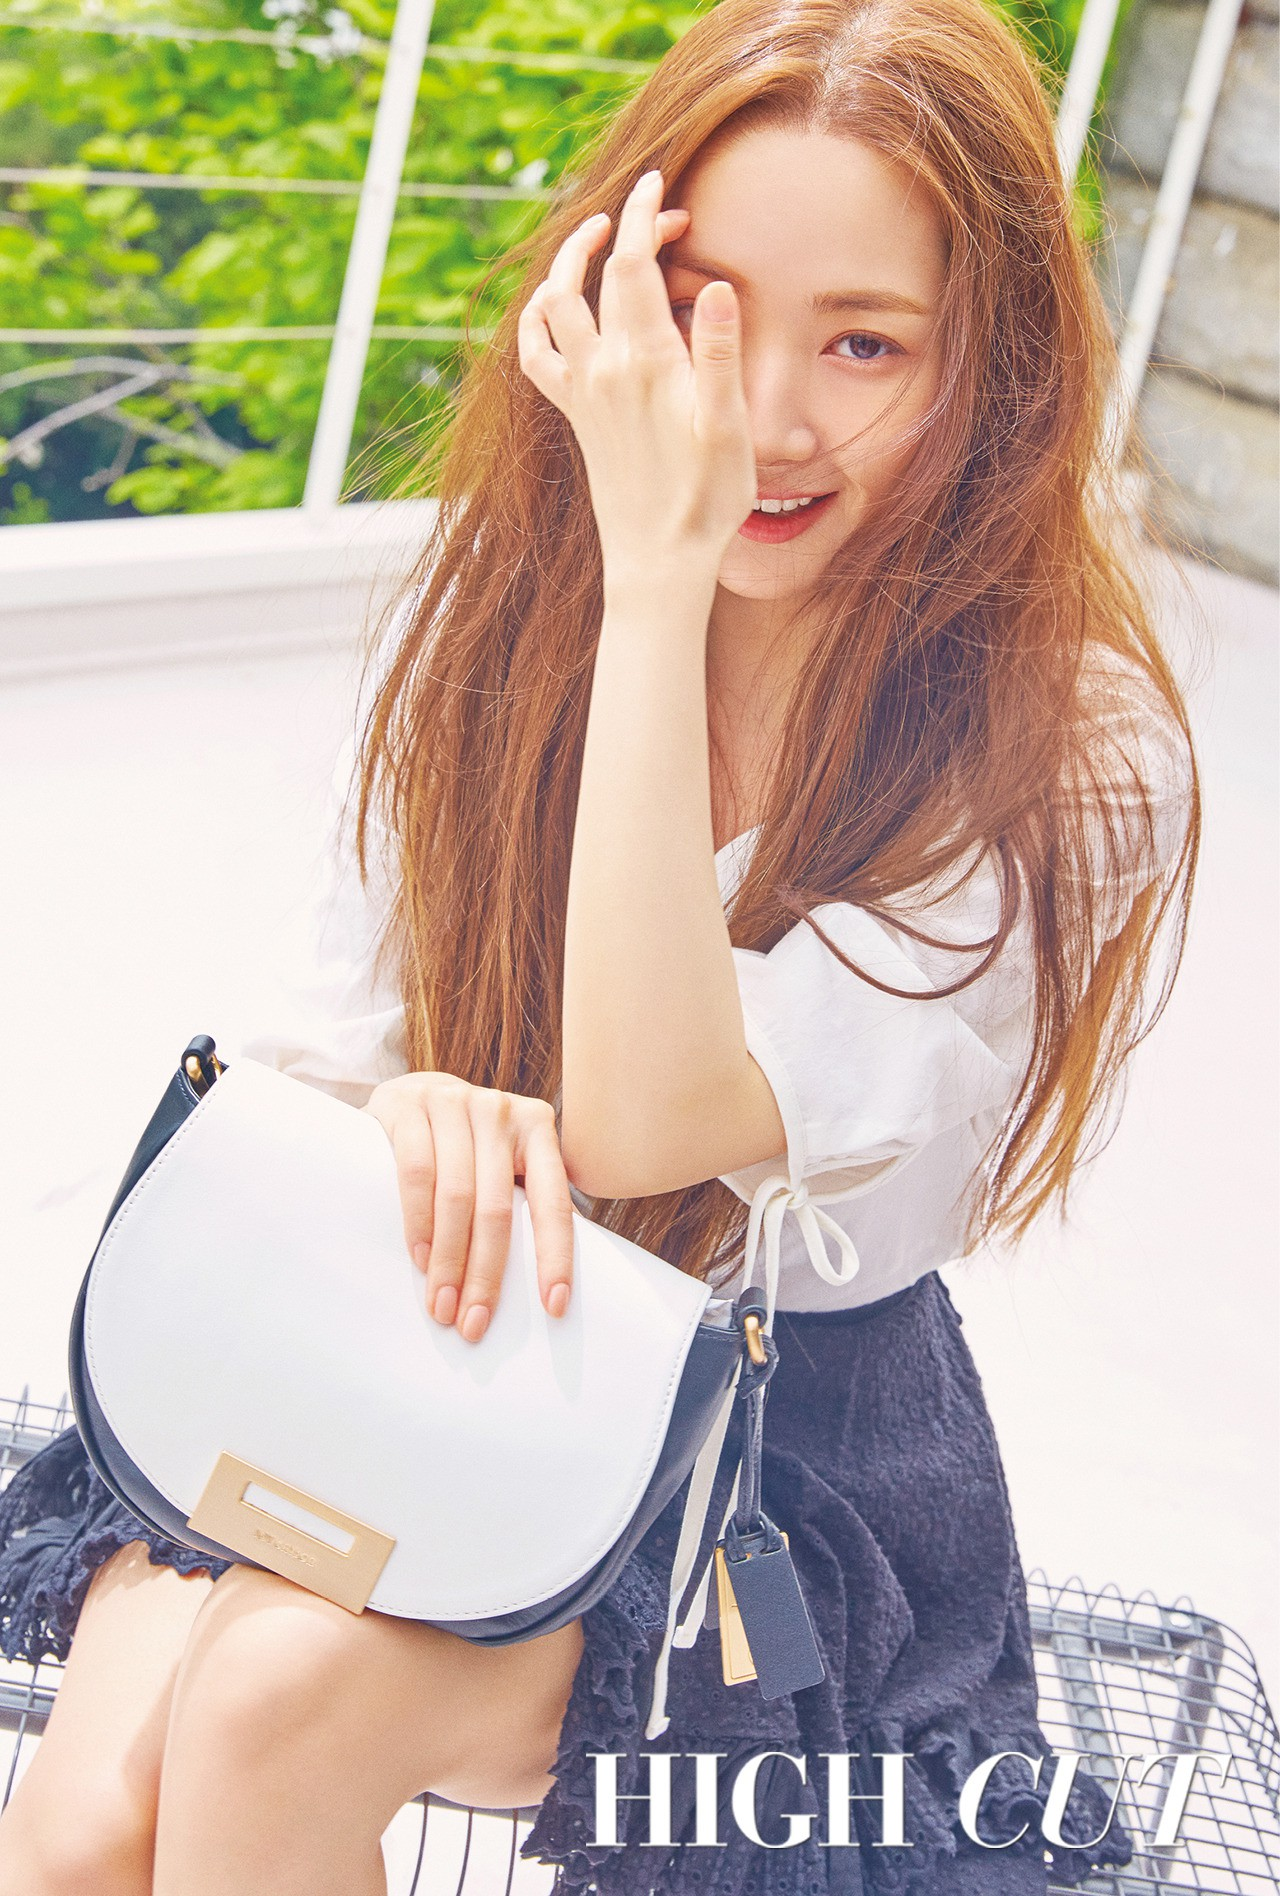 Nữ hoàng dao kéo Park Min Young khoe trọn vẹn nhan sắc đỉnh cao trên tạp chí: Đẹp vừa vừa thôi! - Ảnh 1.